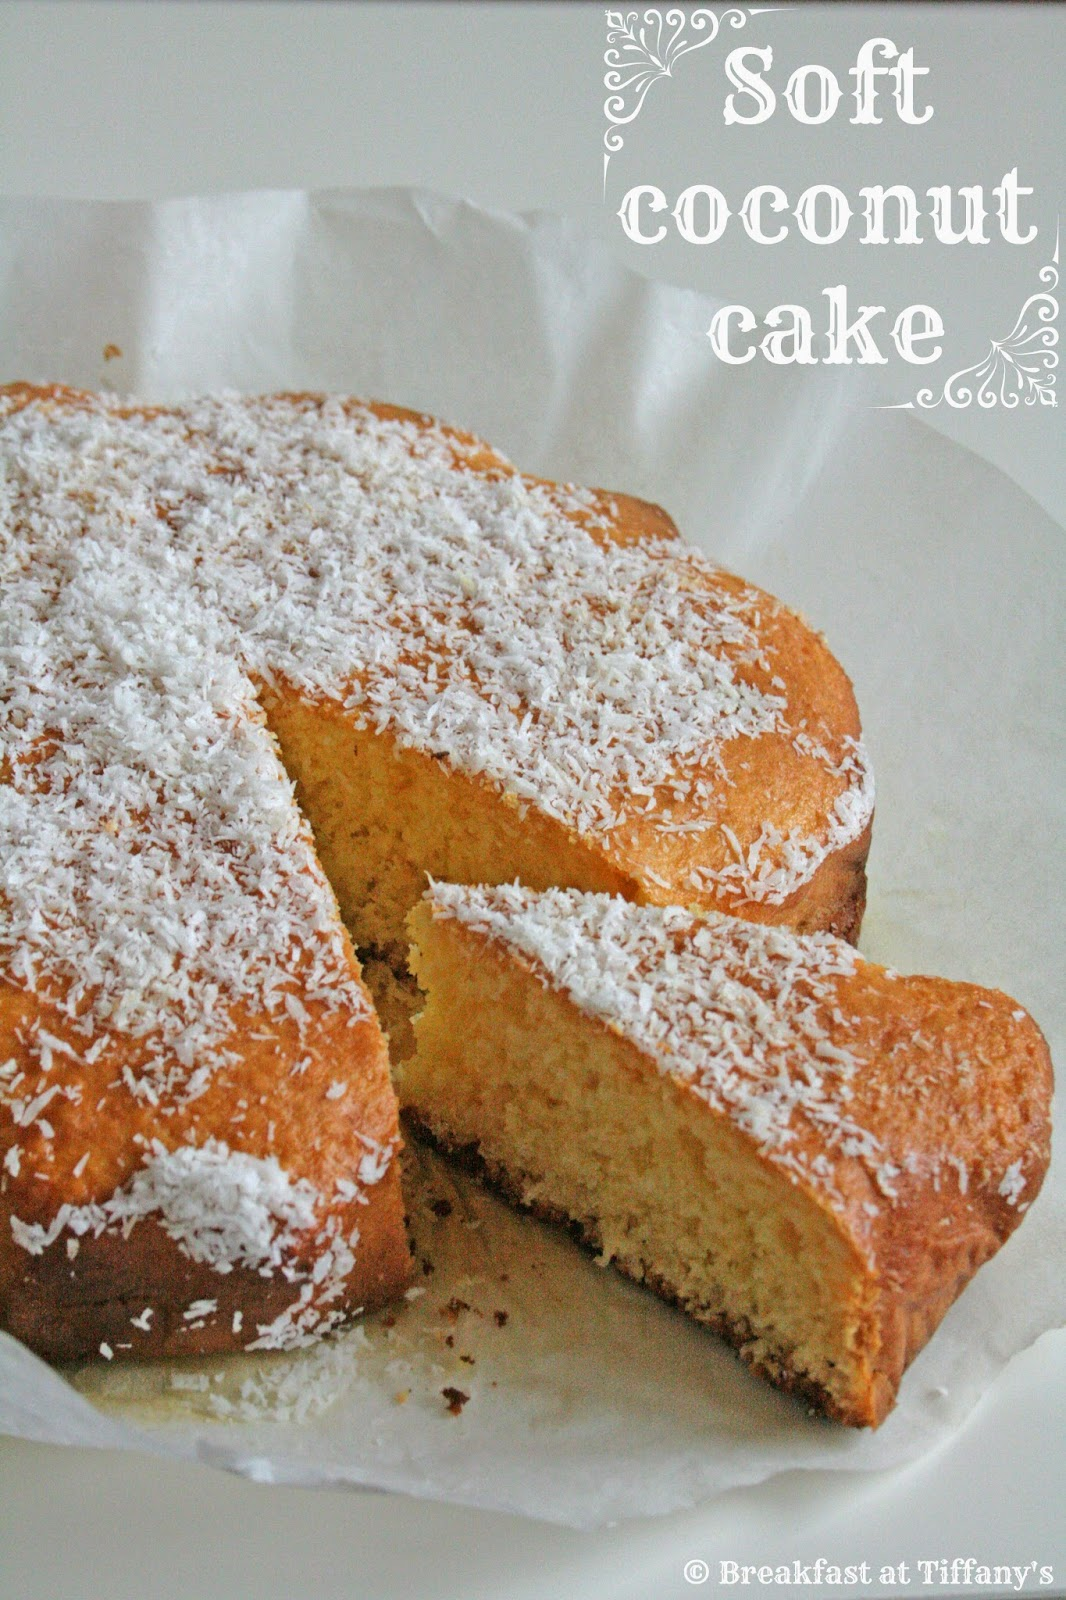 torta soffice al cocco / soft coconut cake recipe